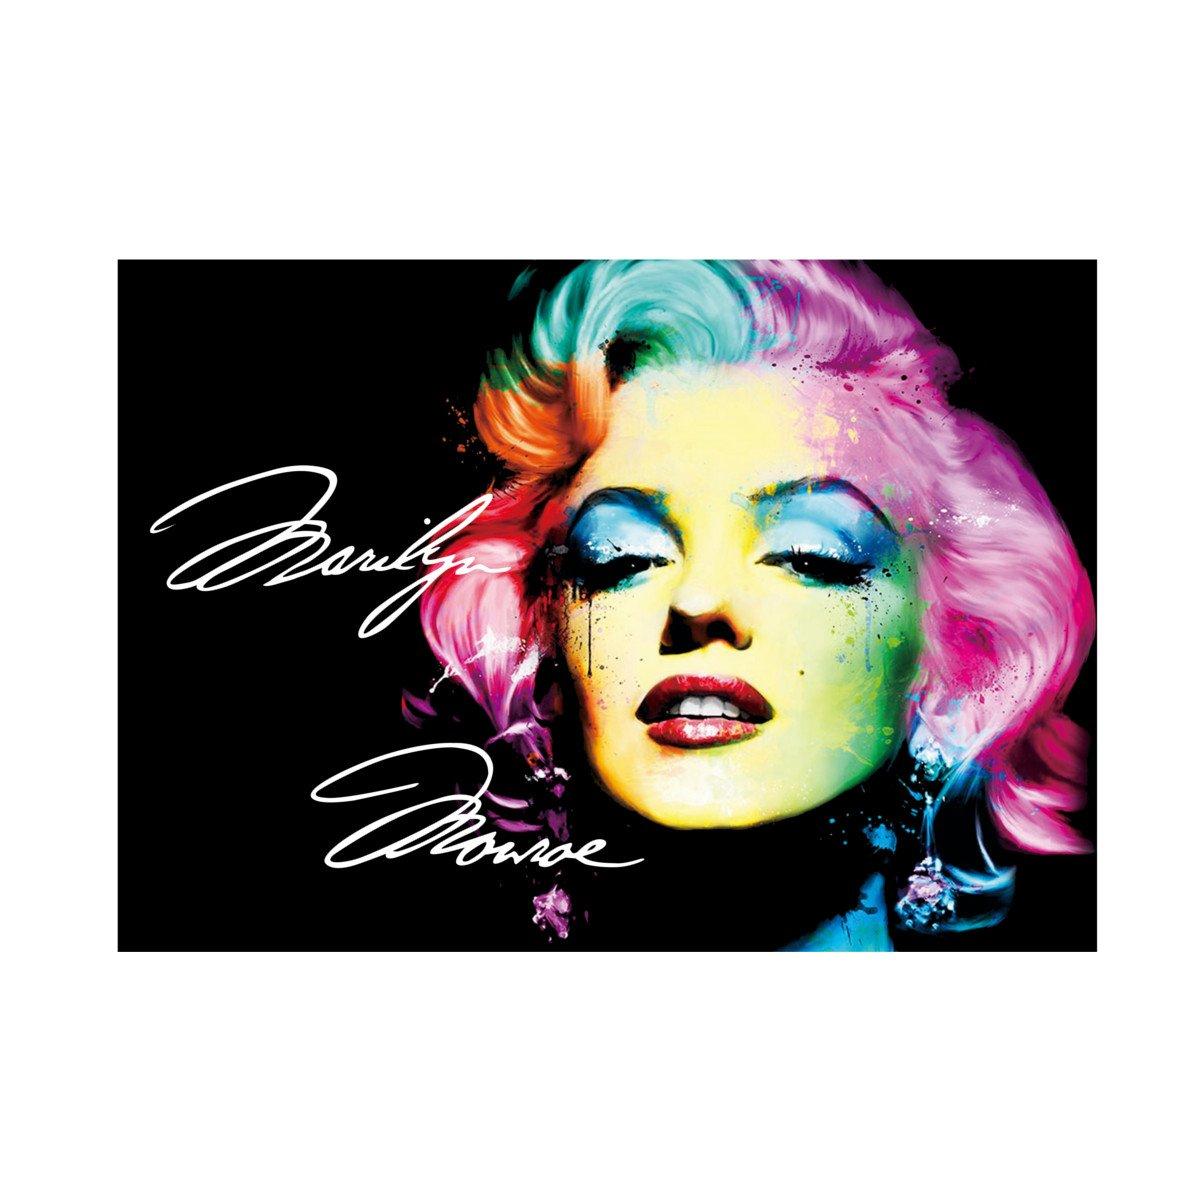 Aroma of Paris アートポスター おしゃれ インテリア 北欧 モノクロ アート #042 B3 ブラックフレーム B0798RSBQC B3 (364 x 515mm)|ブラックフレーム ブラックフレーム B3 (364 x 515mm)